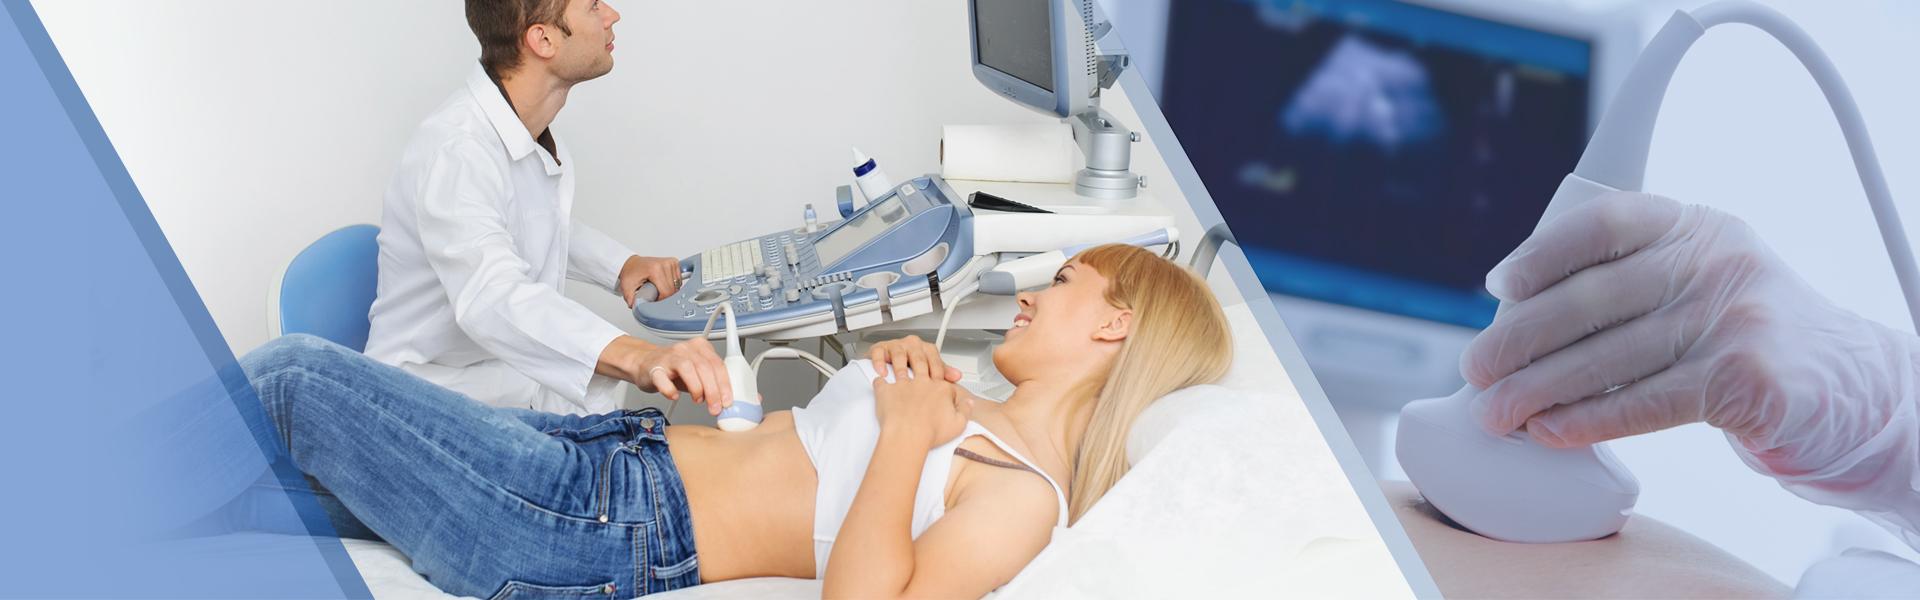 Chirurg naczyniowy Warszawa